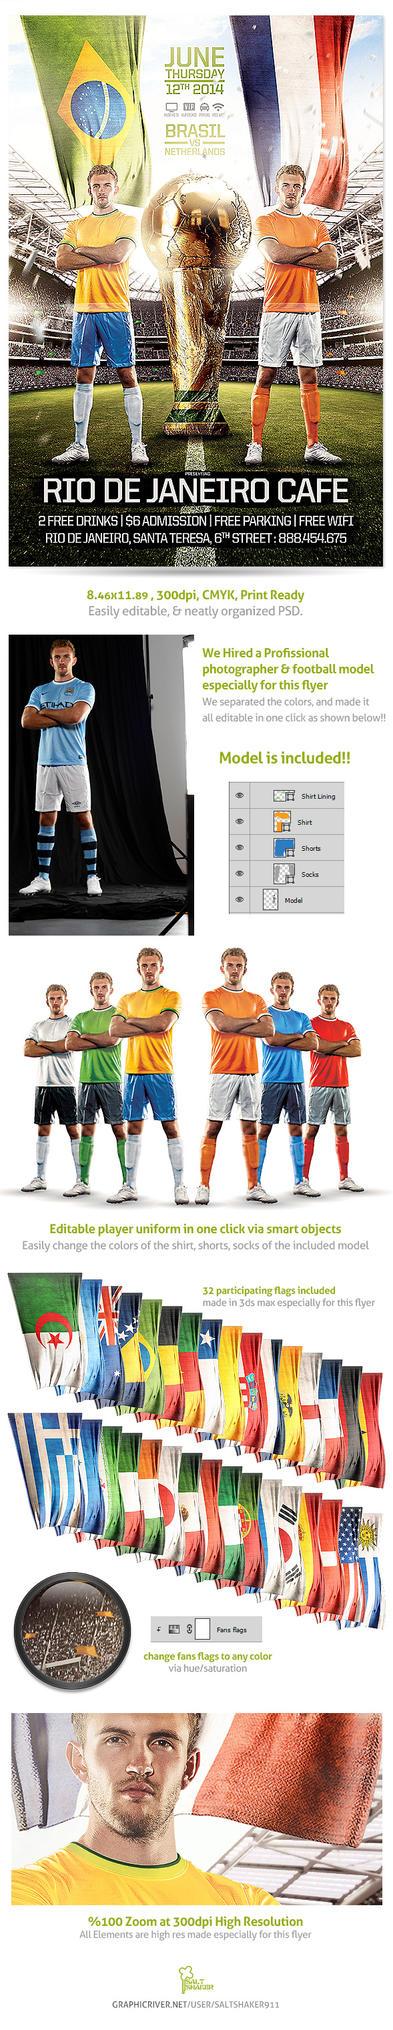 Brazil world Cup 2014  Soccer Flyer by saltshaker911